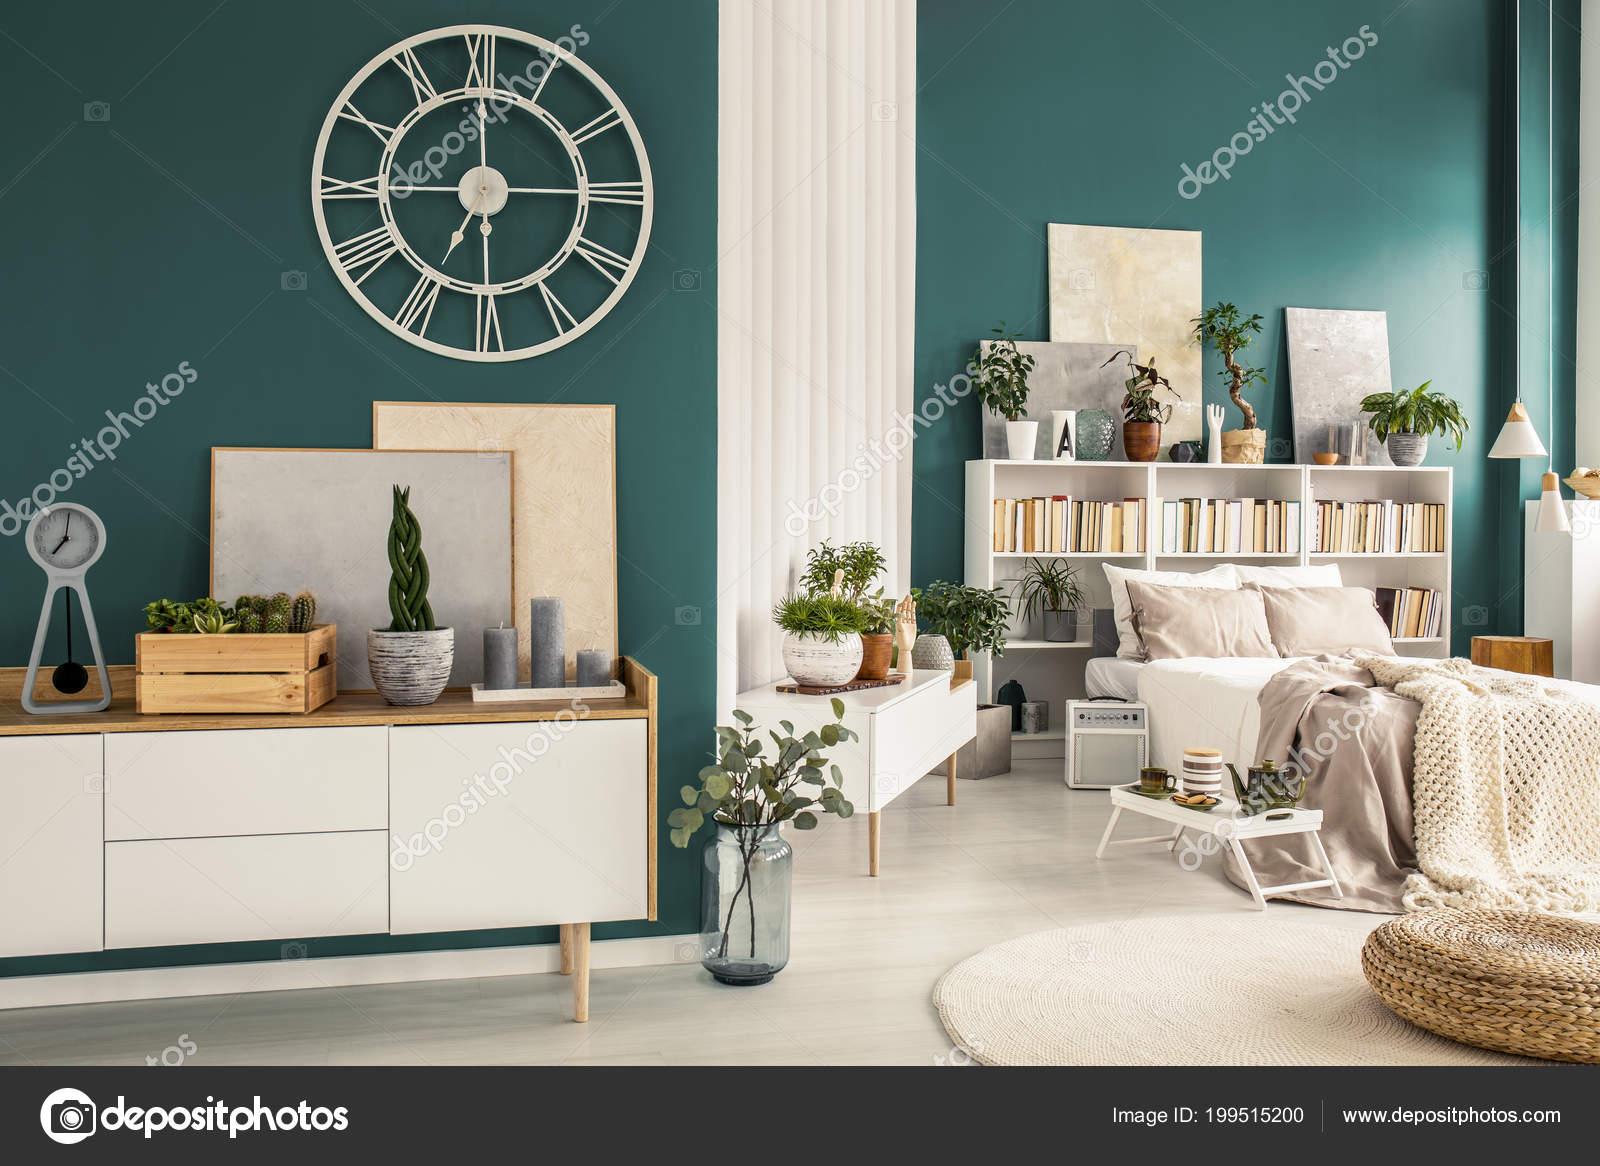 Moderne studio appartement interieur met gezellige slaapkamer